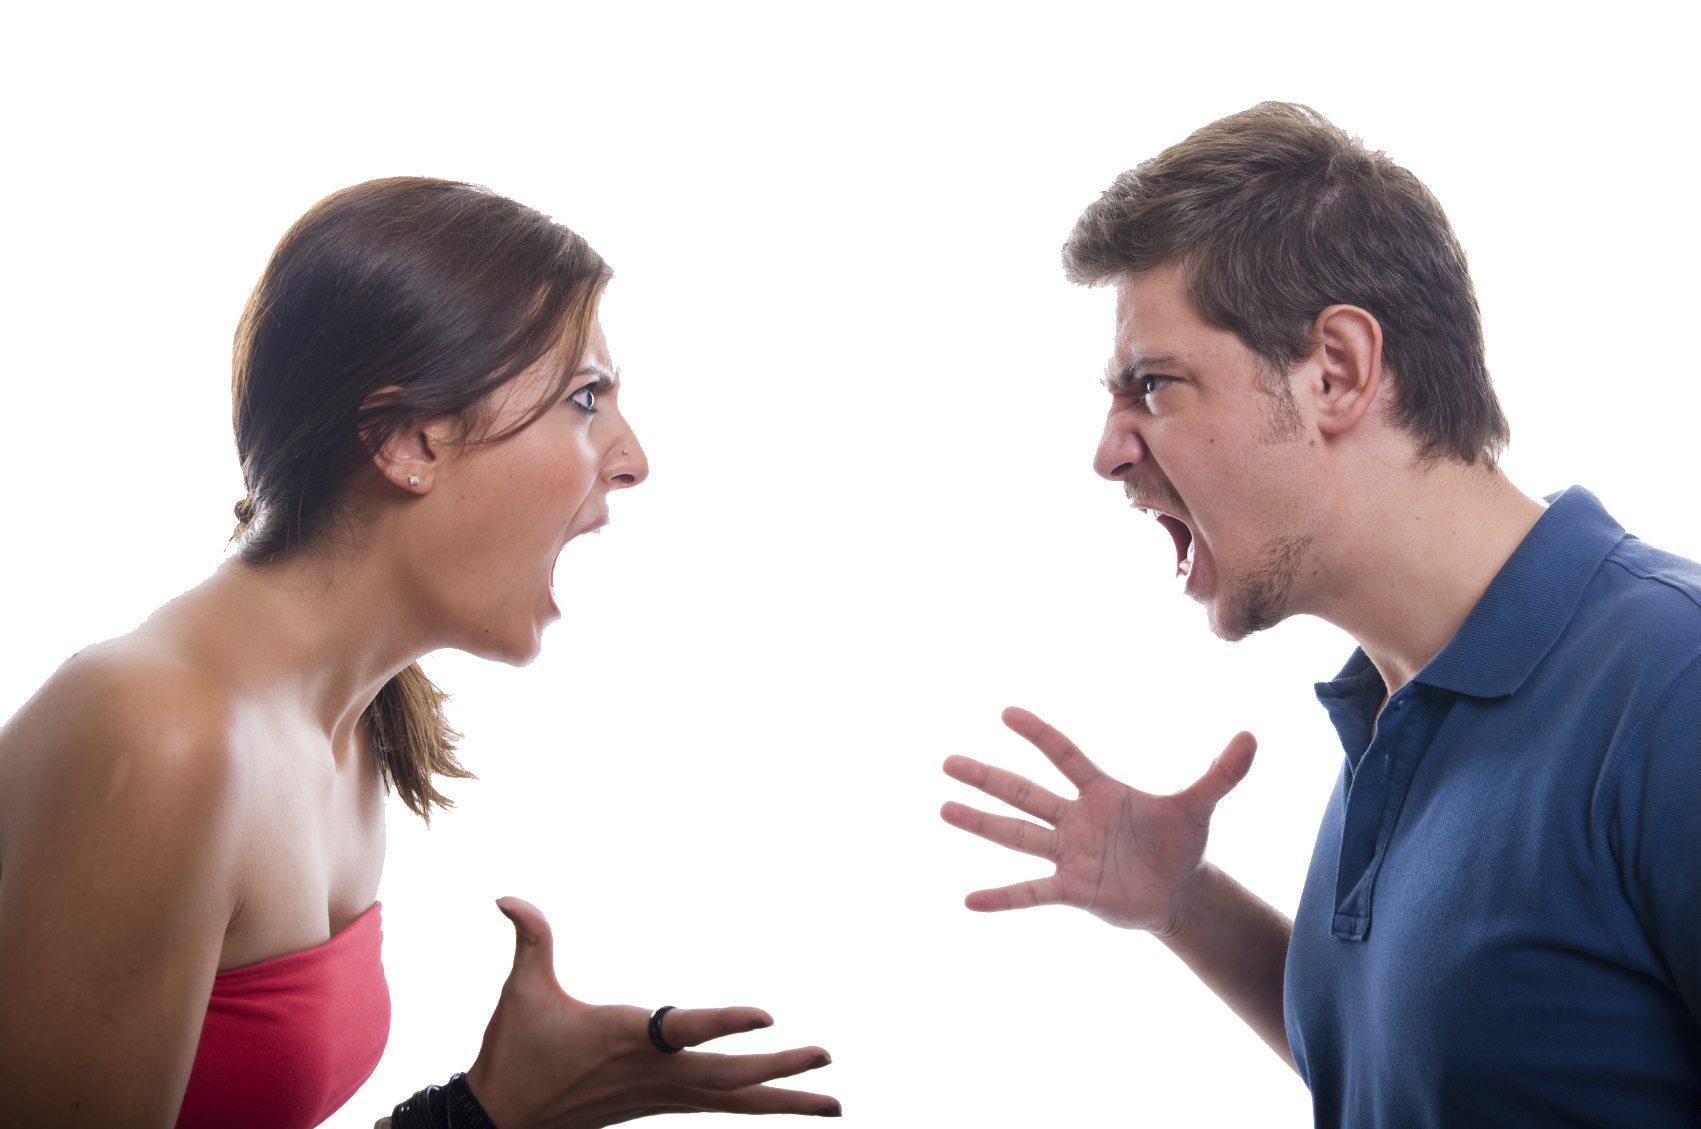 Tíz gyilkos mondat, amelyeket egy pár nem mondhat ki veszekedés közben -  Színek és foltok